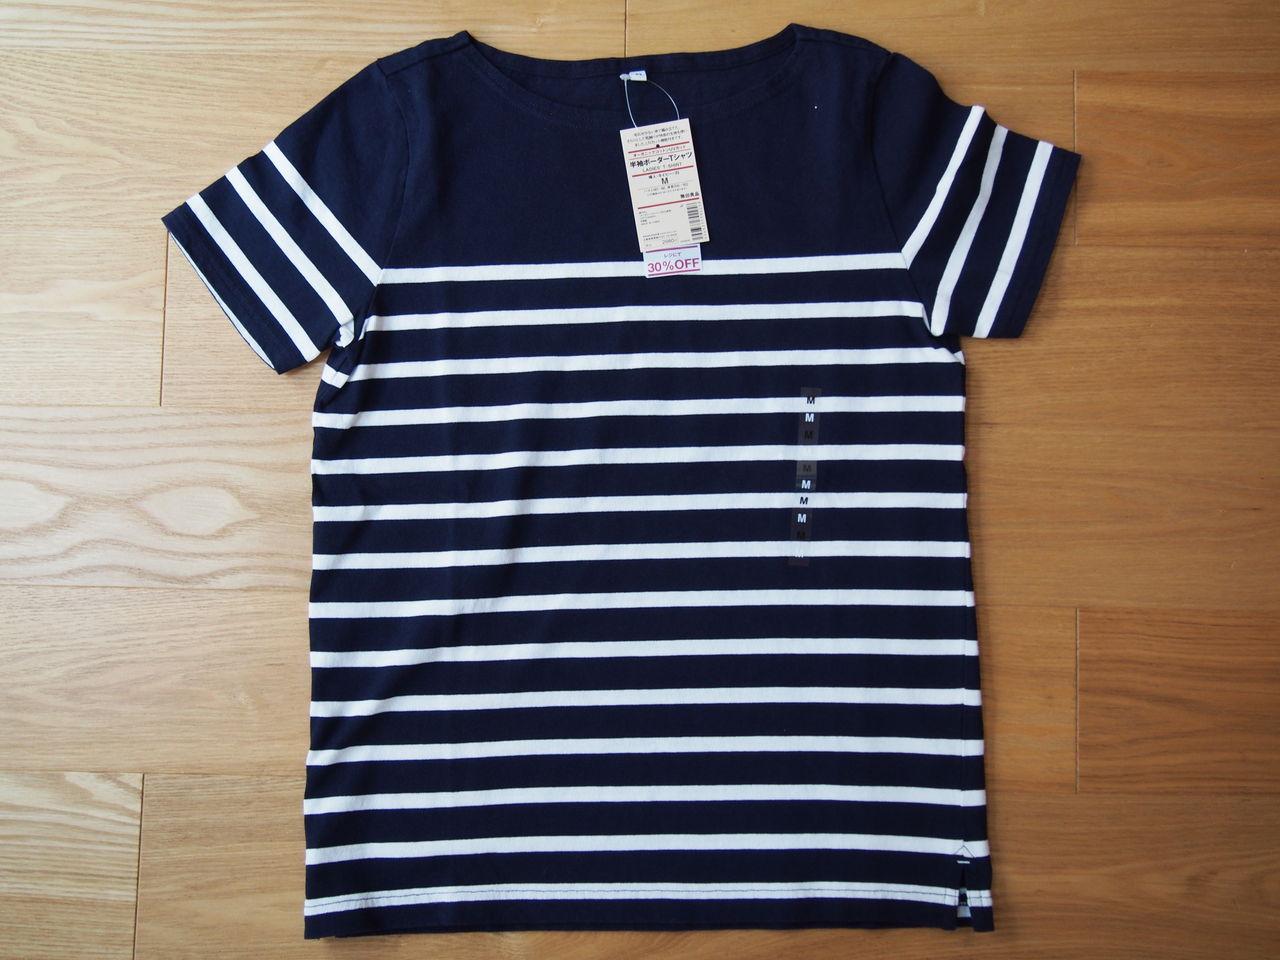 ... ボーダーTシャツです。 P7290206